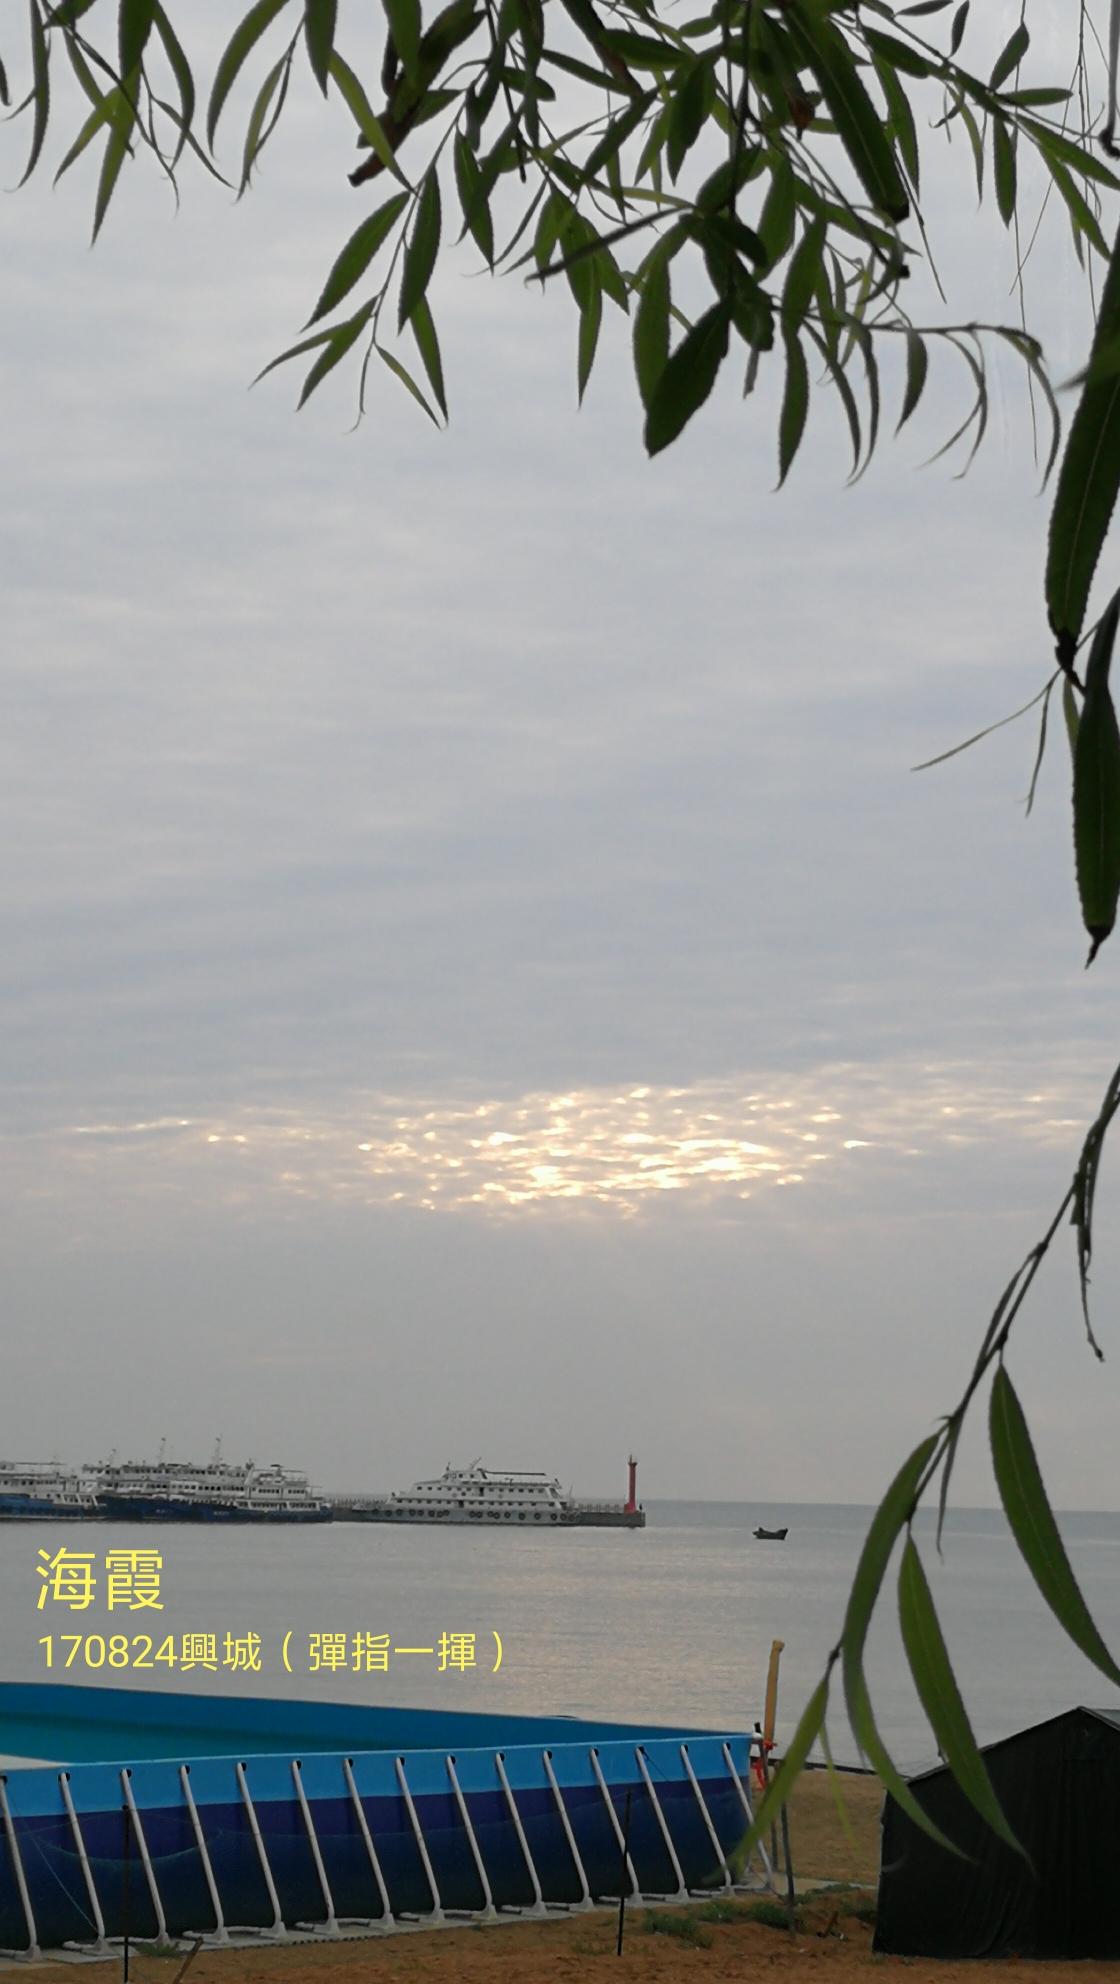 这样的地方视野宽阔,看到的朝霞最为壮观.